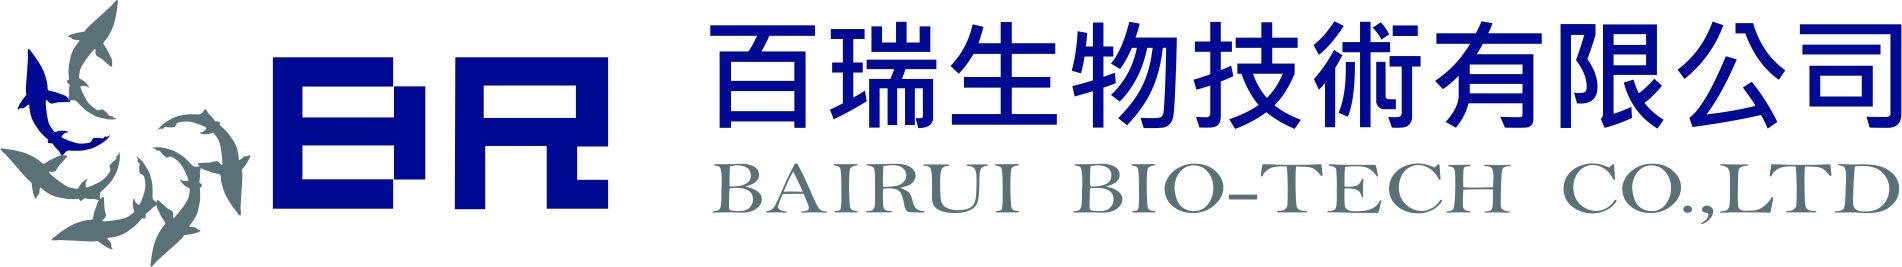 武汉百瑞生物技术有限公司